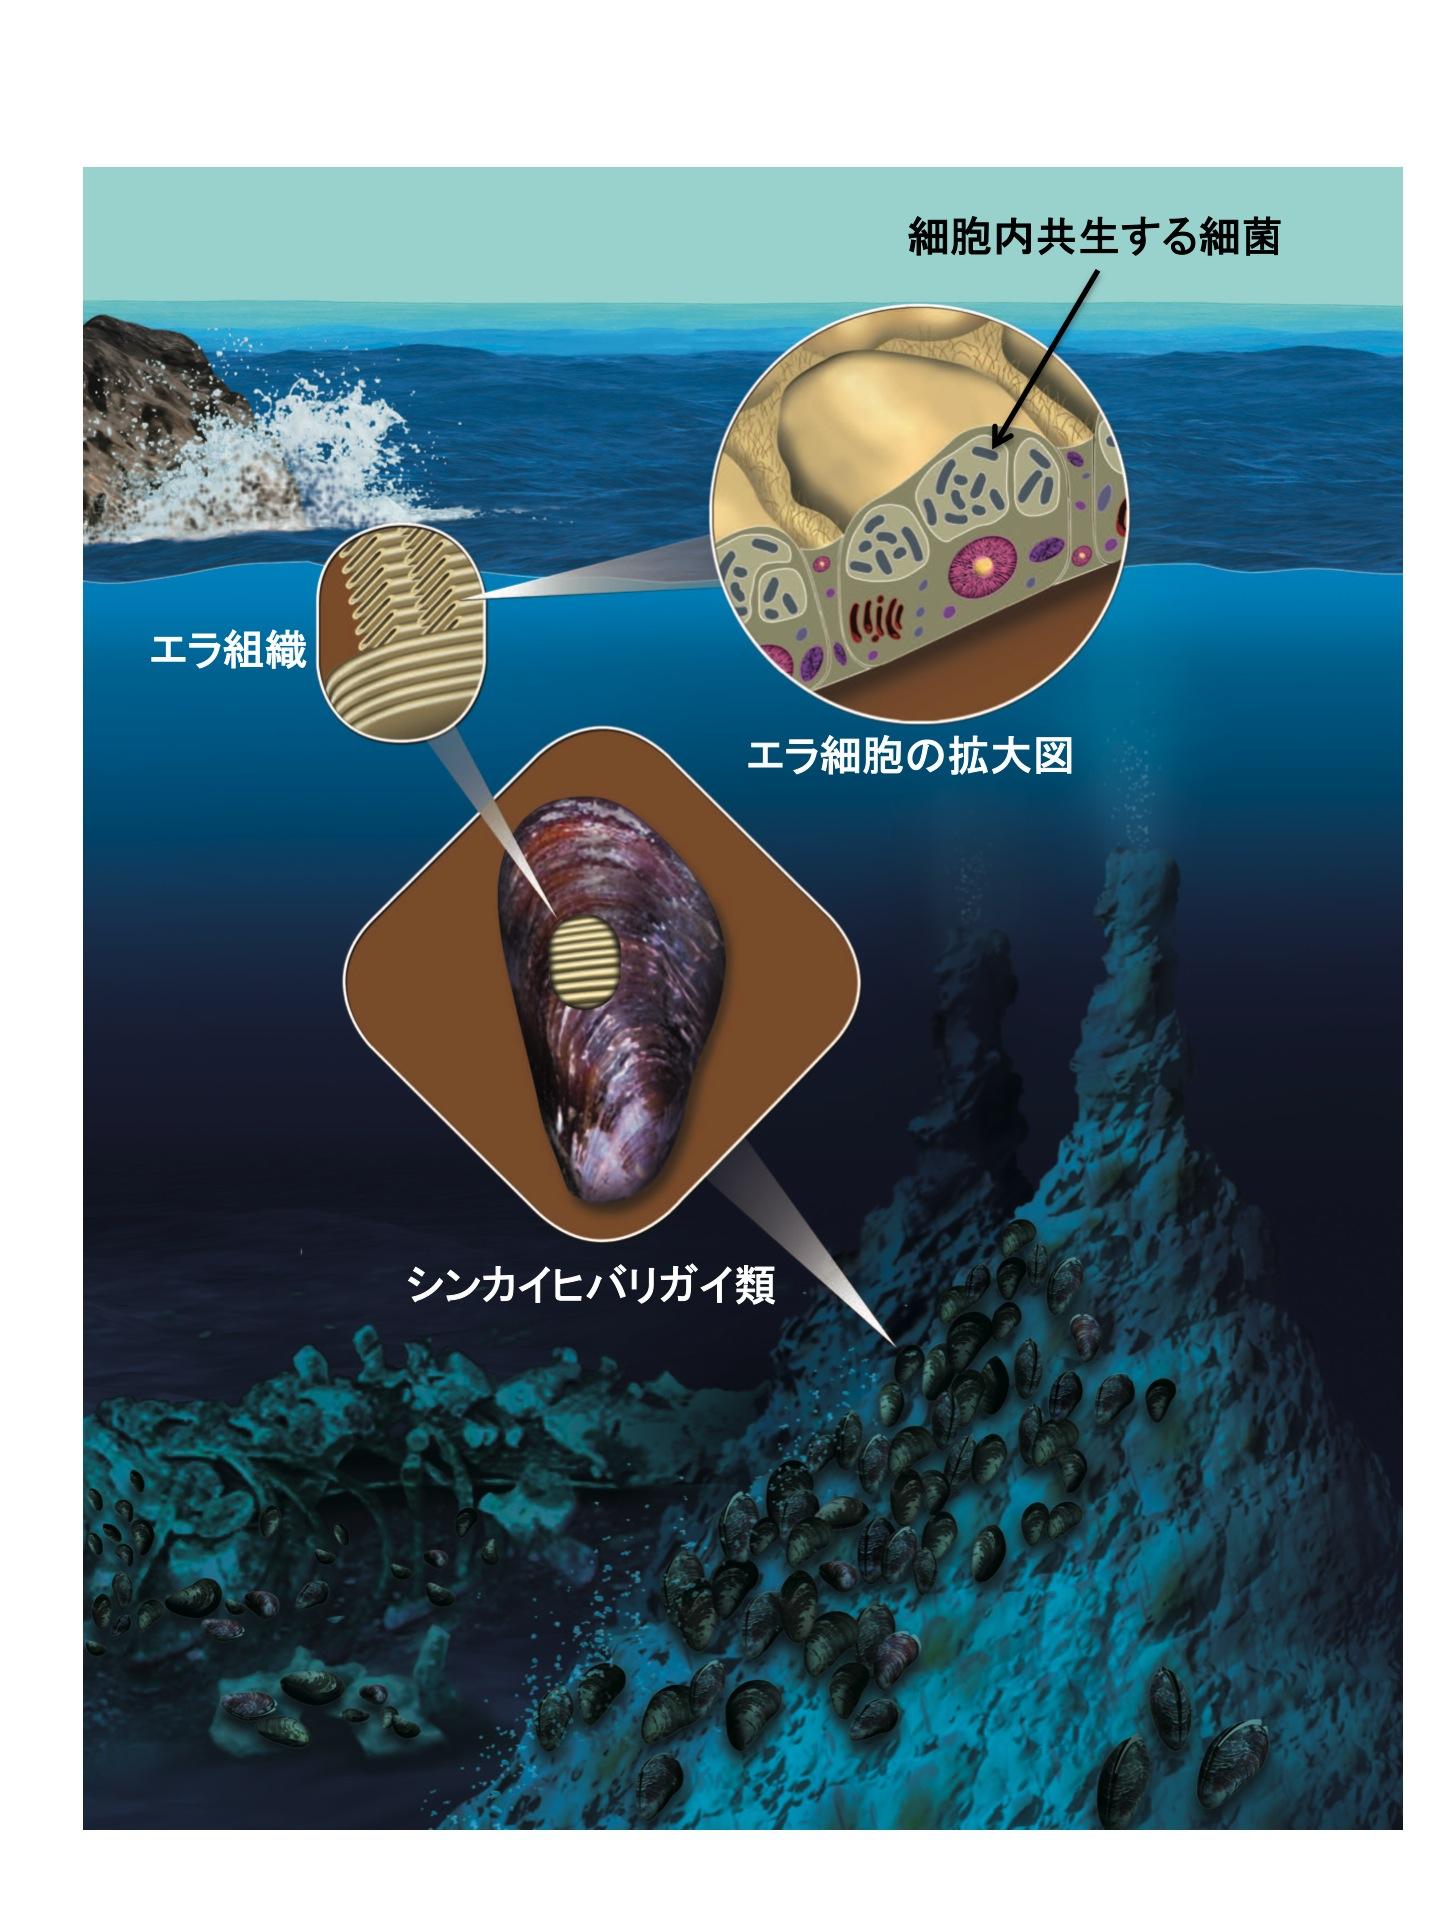 北里大学の研究グループが、深海に生息するシンカイヒバリガイ類を含むイガイ科二枚貝に共通する血球の種類と貪食作用を解明 ~深海生物の共生メカニズムを生体防御の視点から解明するための基礎的な知見~